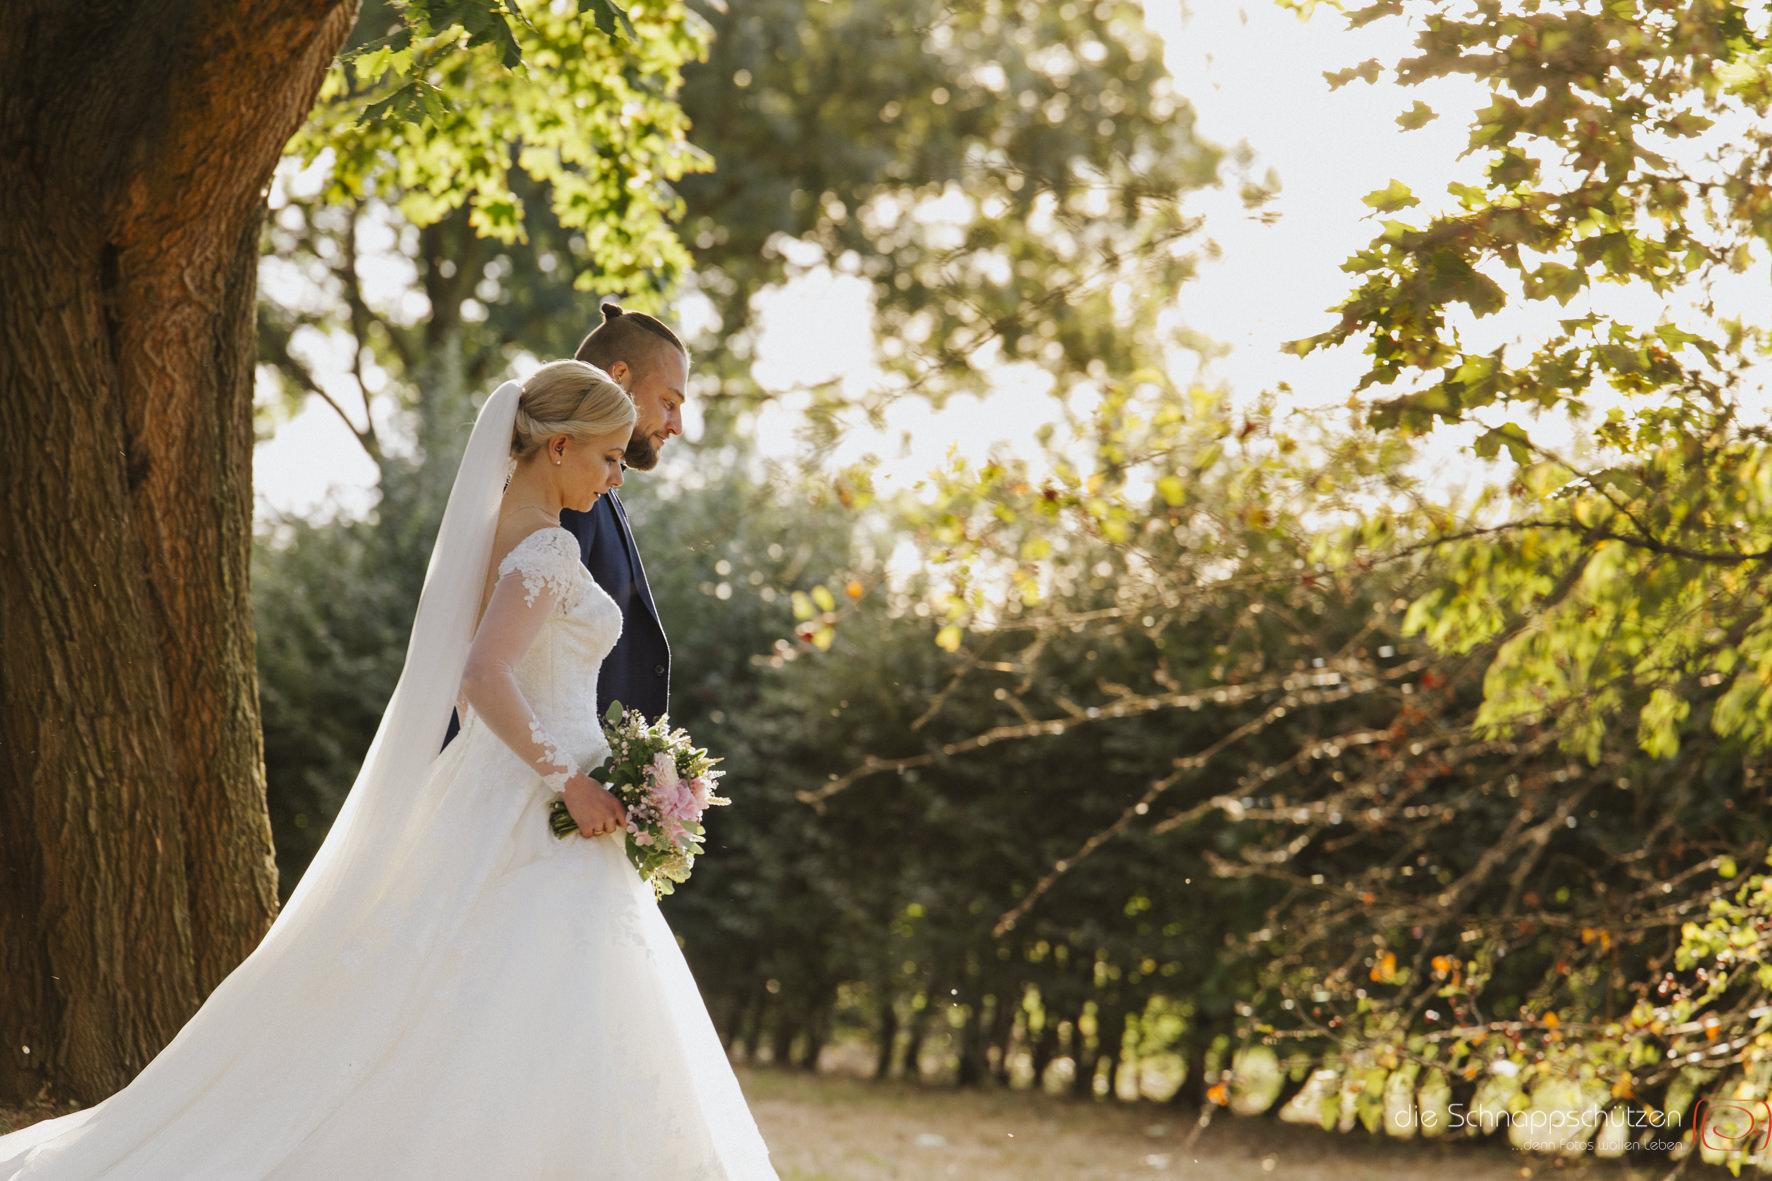 Historisch Heiraten in der Kornscheune Orr